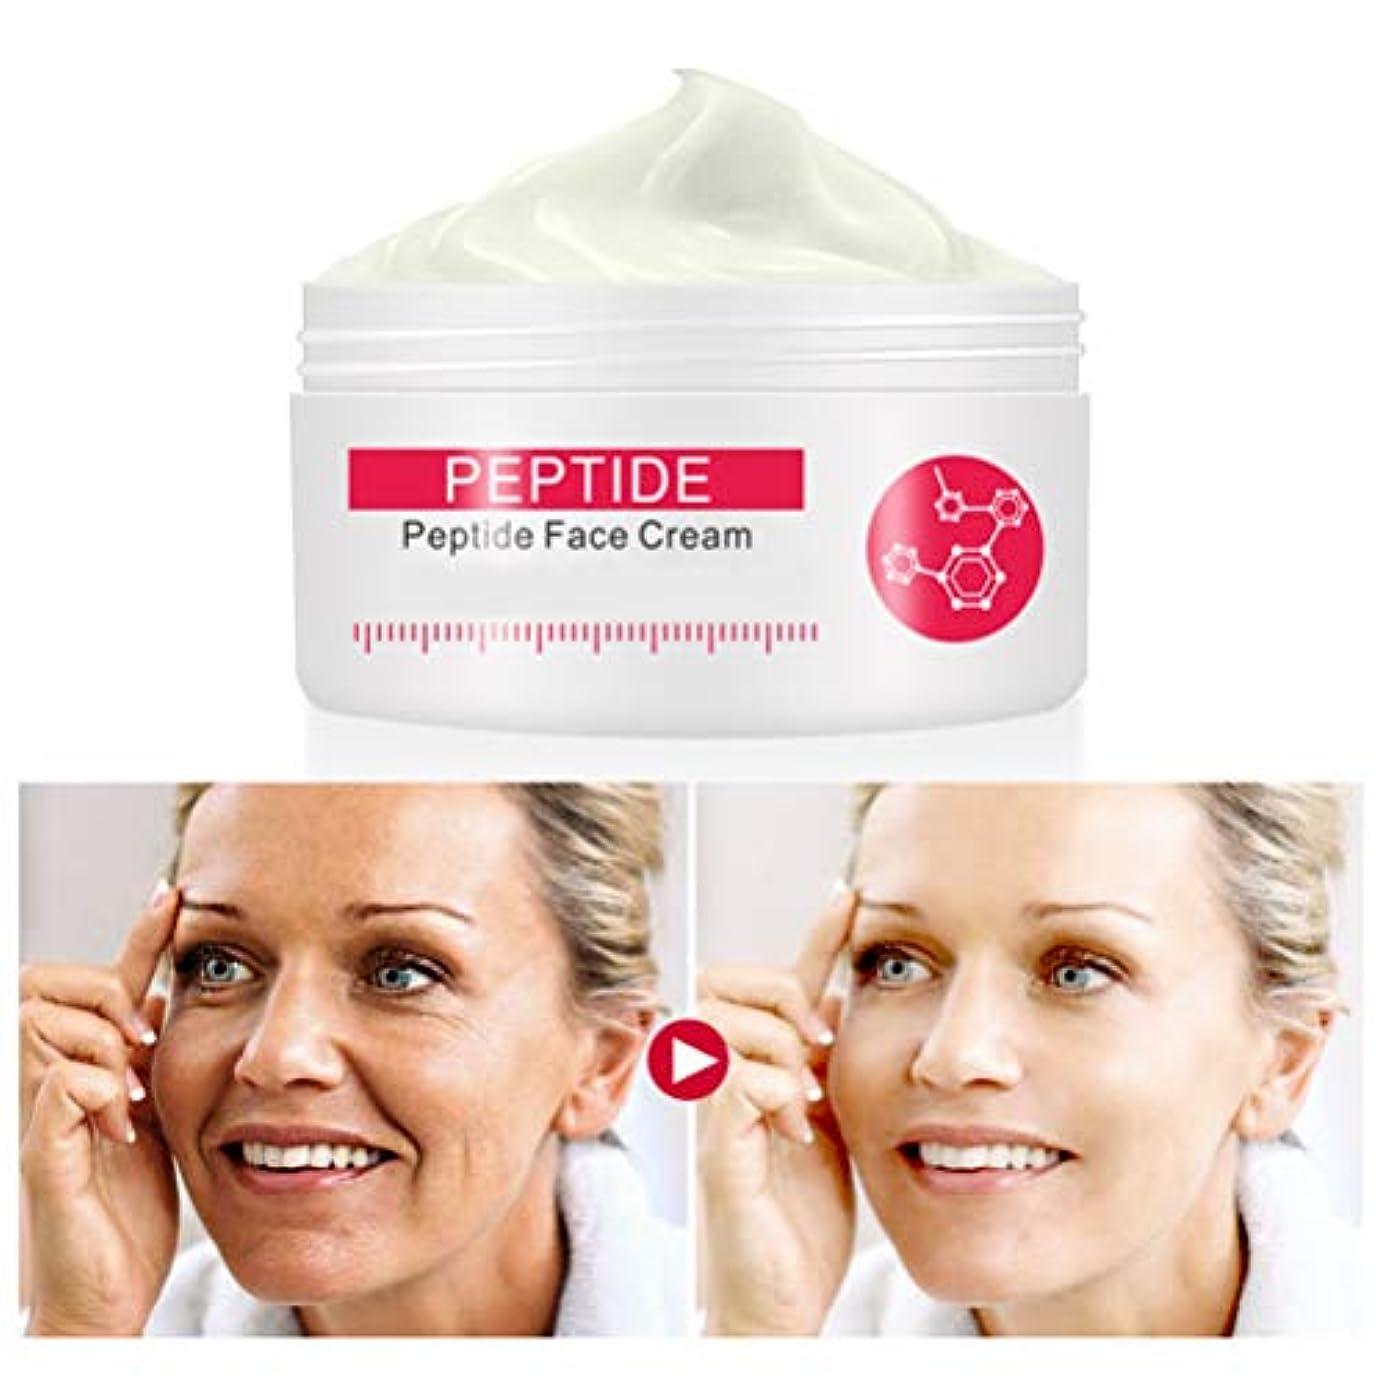 に頼るハブ第二Sanwer フェイスクリーム シックスペプチドクリーム 顔のクリーム 抗しわ 引き締め 老化防止 にきび対策 美白 保湿クリーム フェイスケア エッセンスクリーム 保湿 さわやか 水分修復 肌活性化 オイルコントロール